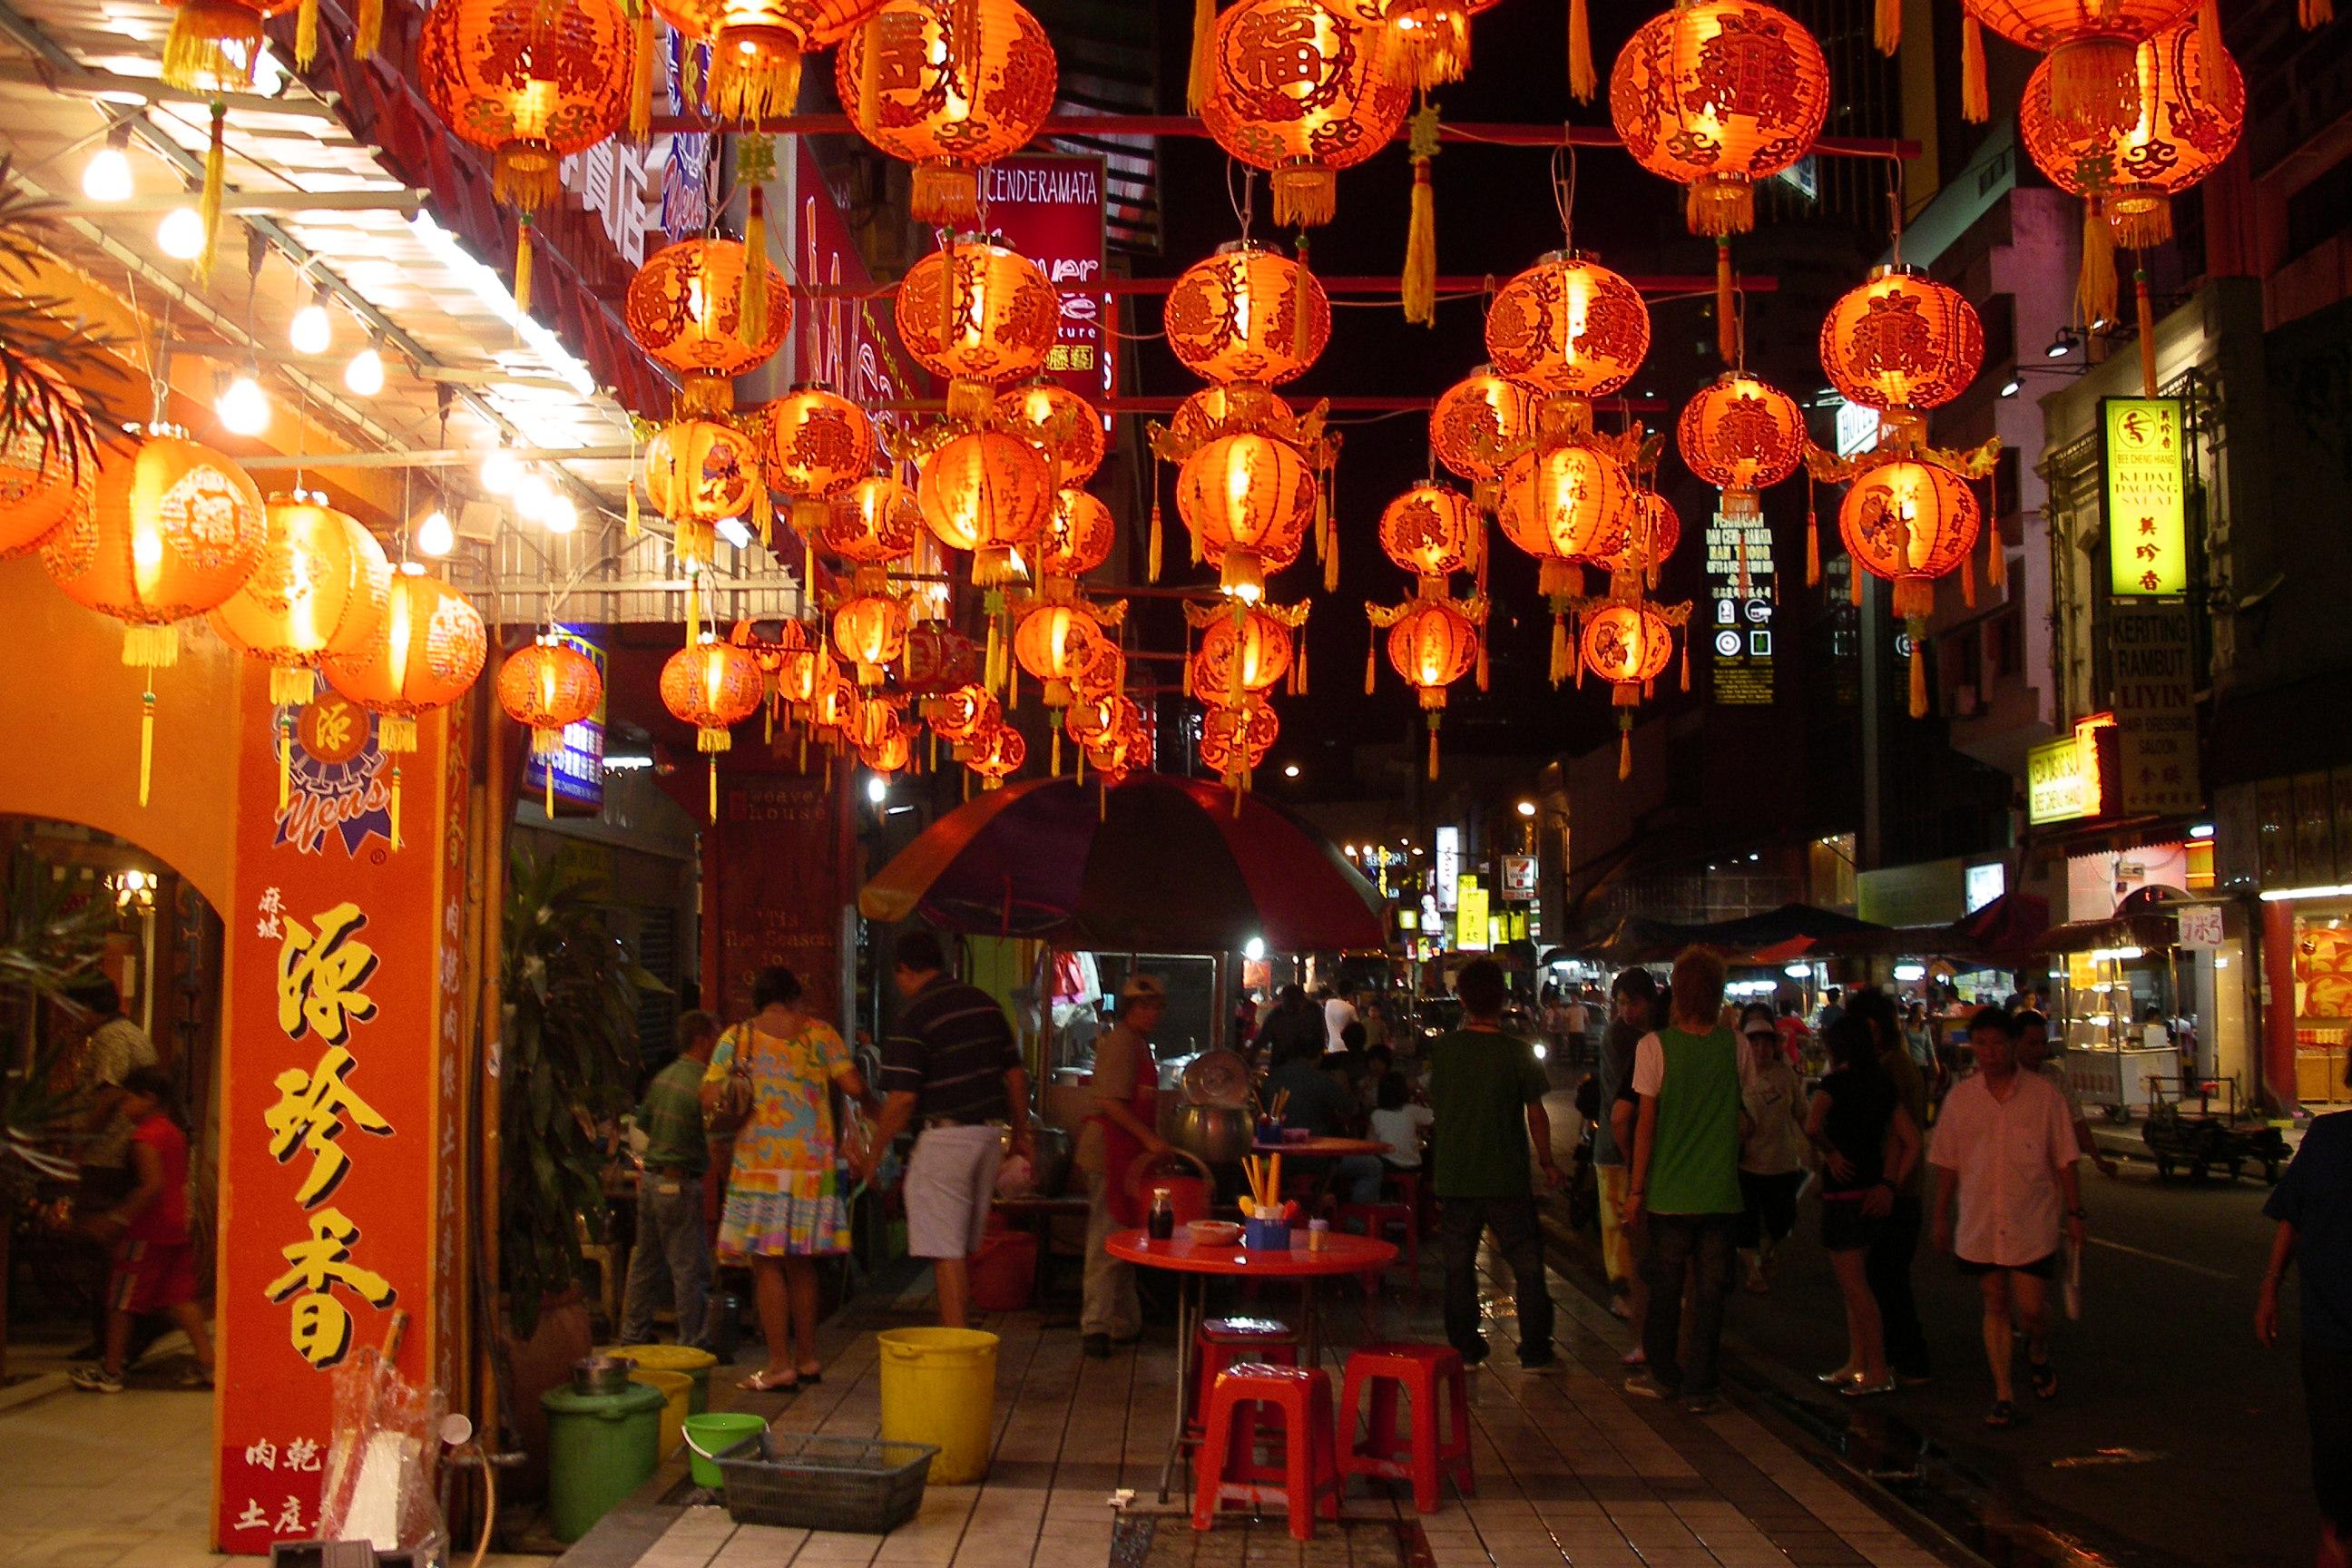 malaysia_kualalumpur_chinatown_5221_o